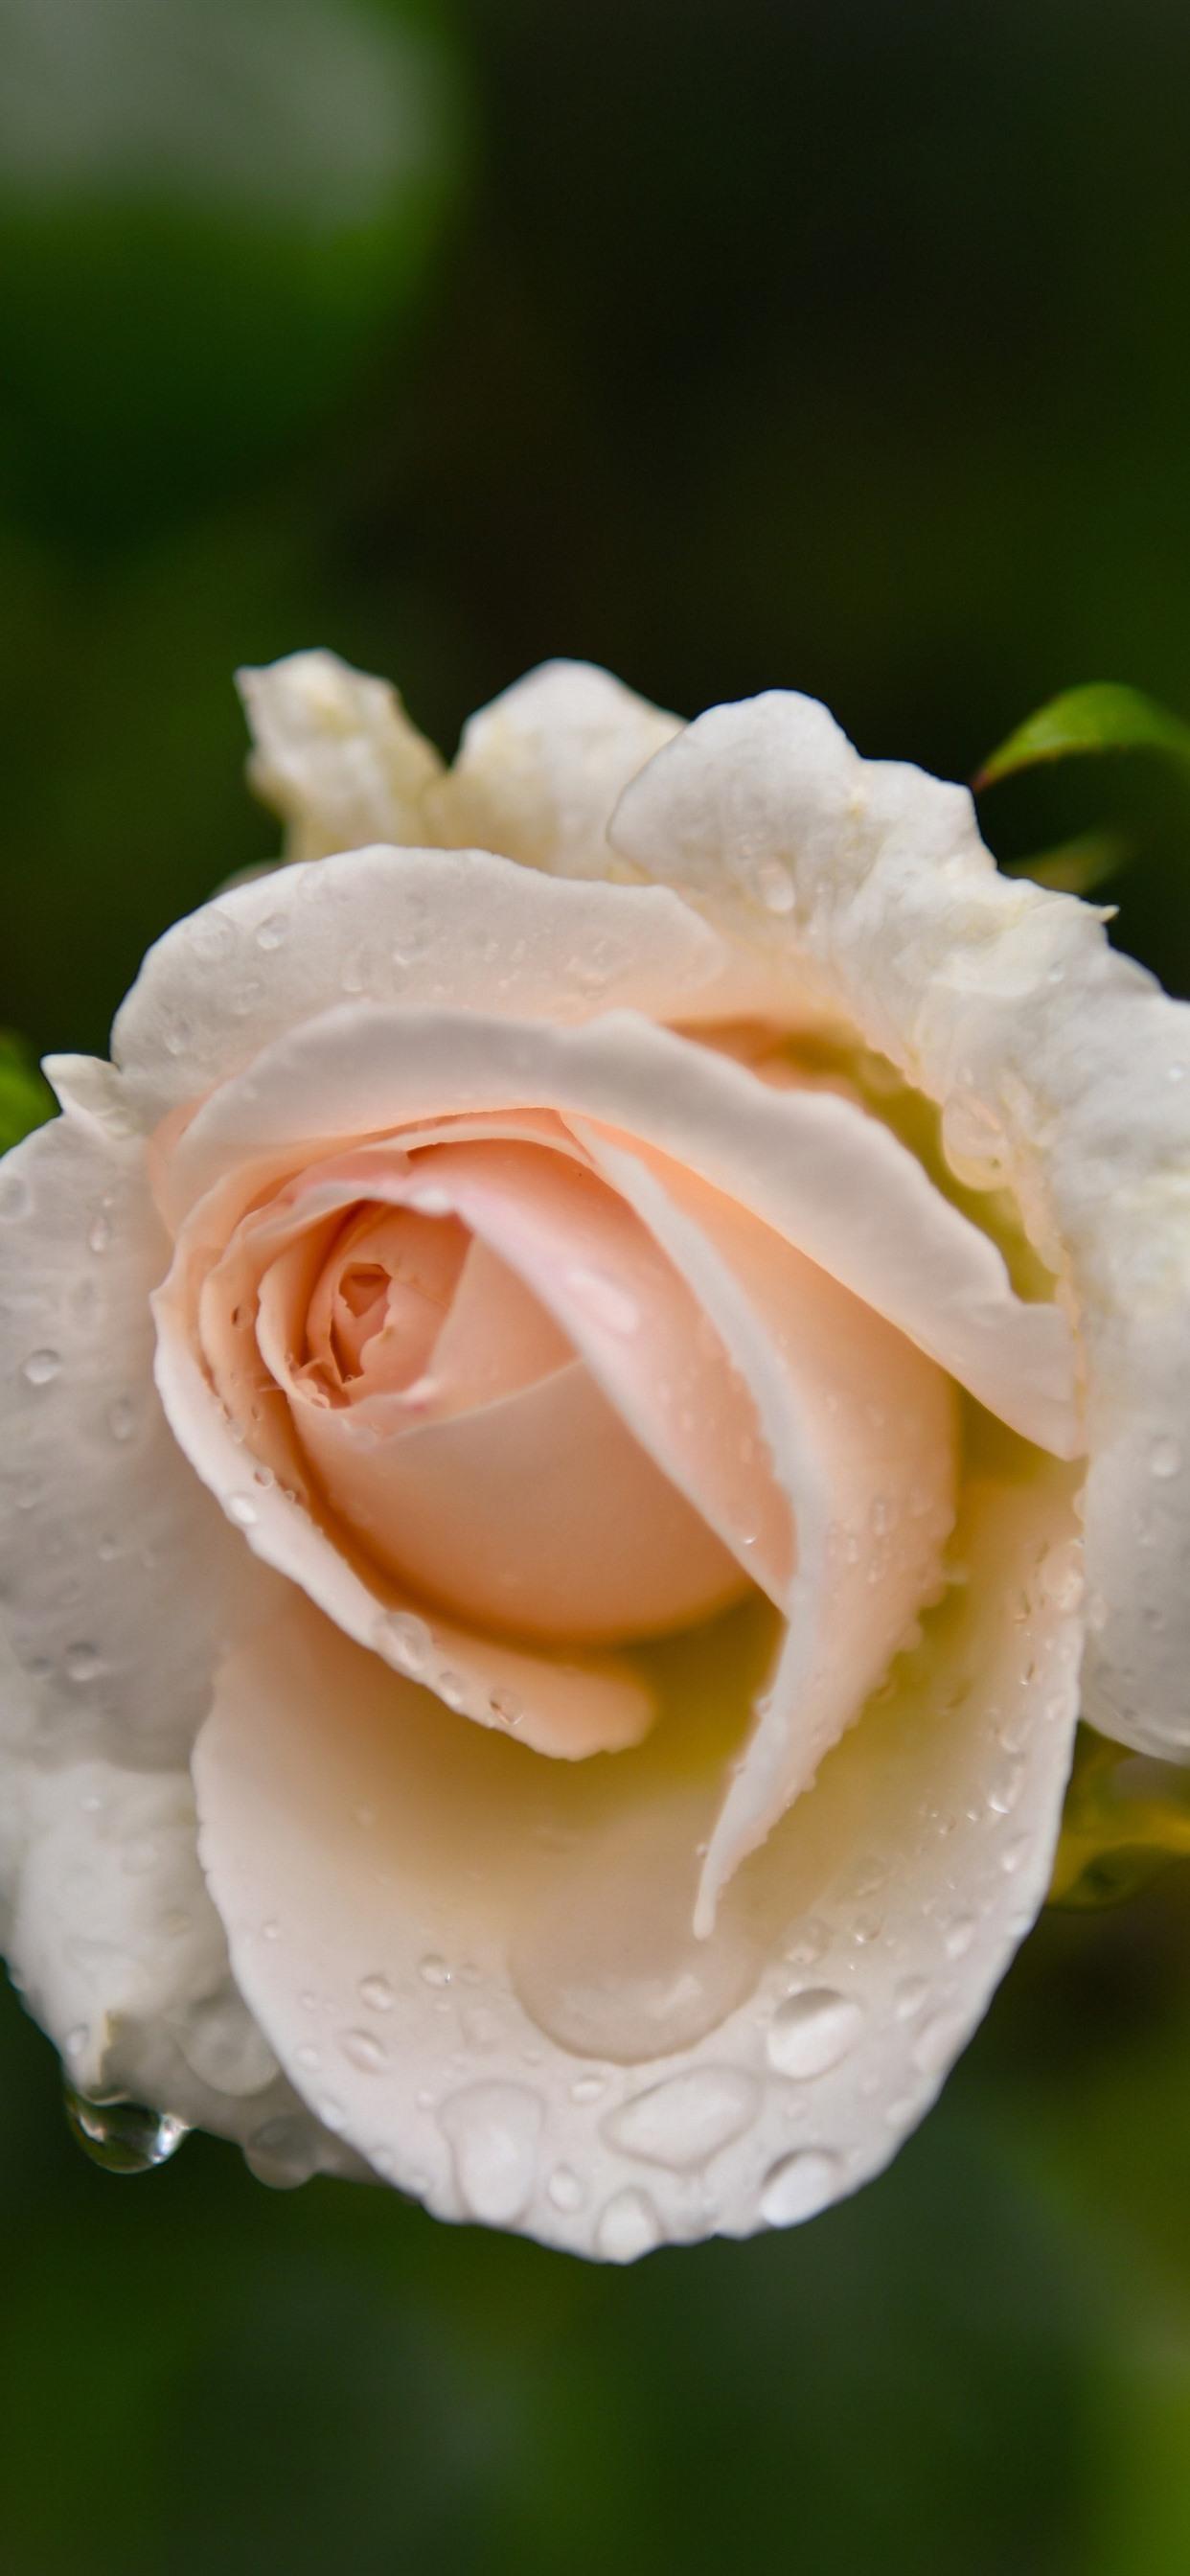 淡いピンクのバラ 水滴 かすんで 1242x2688 Iphone 11 Pro Xs Max